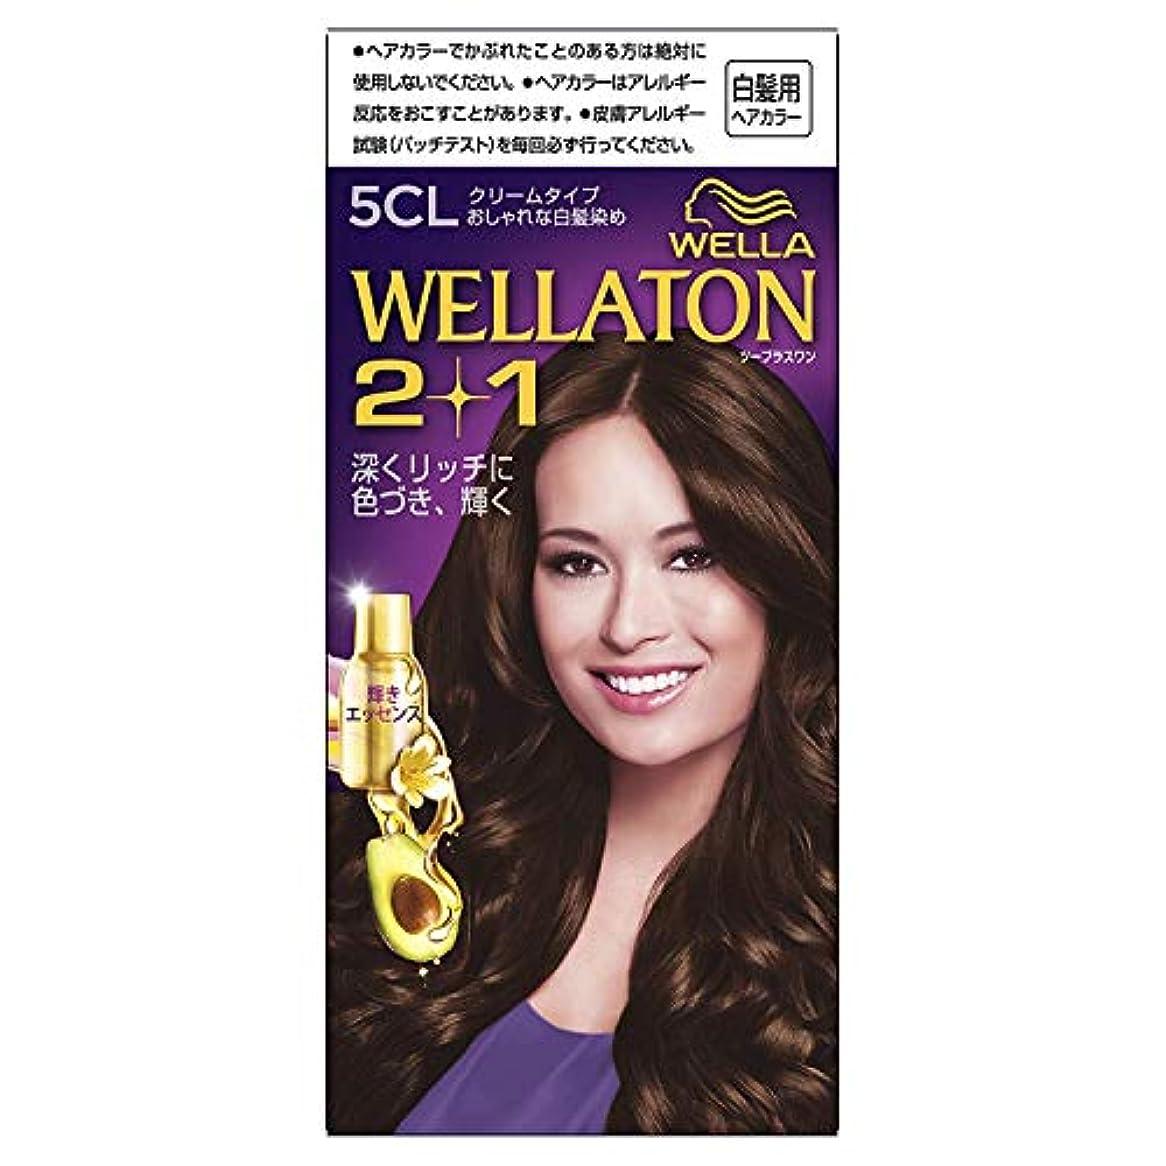 リー妖精粘着性ウエラトーン2+1 クリームタイプ 5CL [医薬部外品]×3個